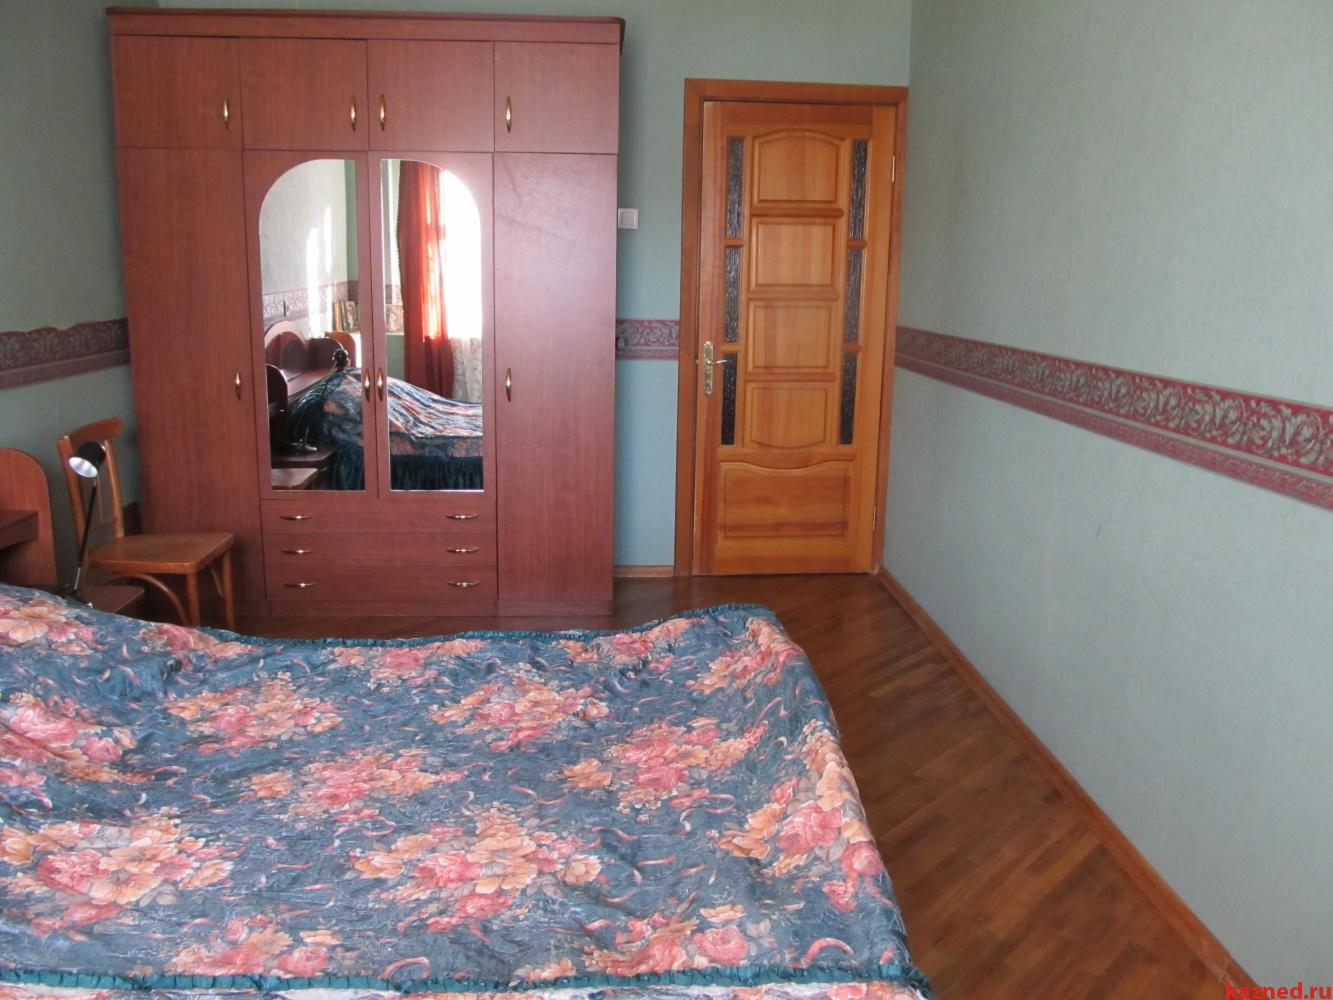 Продажа 3-к квартиры Амирхана, 5, 93 м² (миниатюра №13)